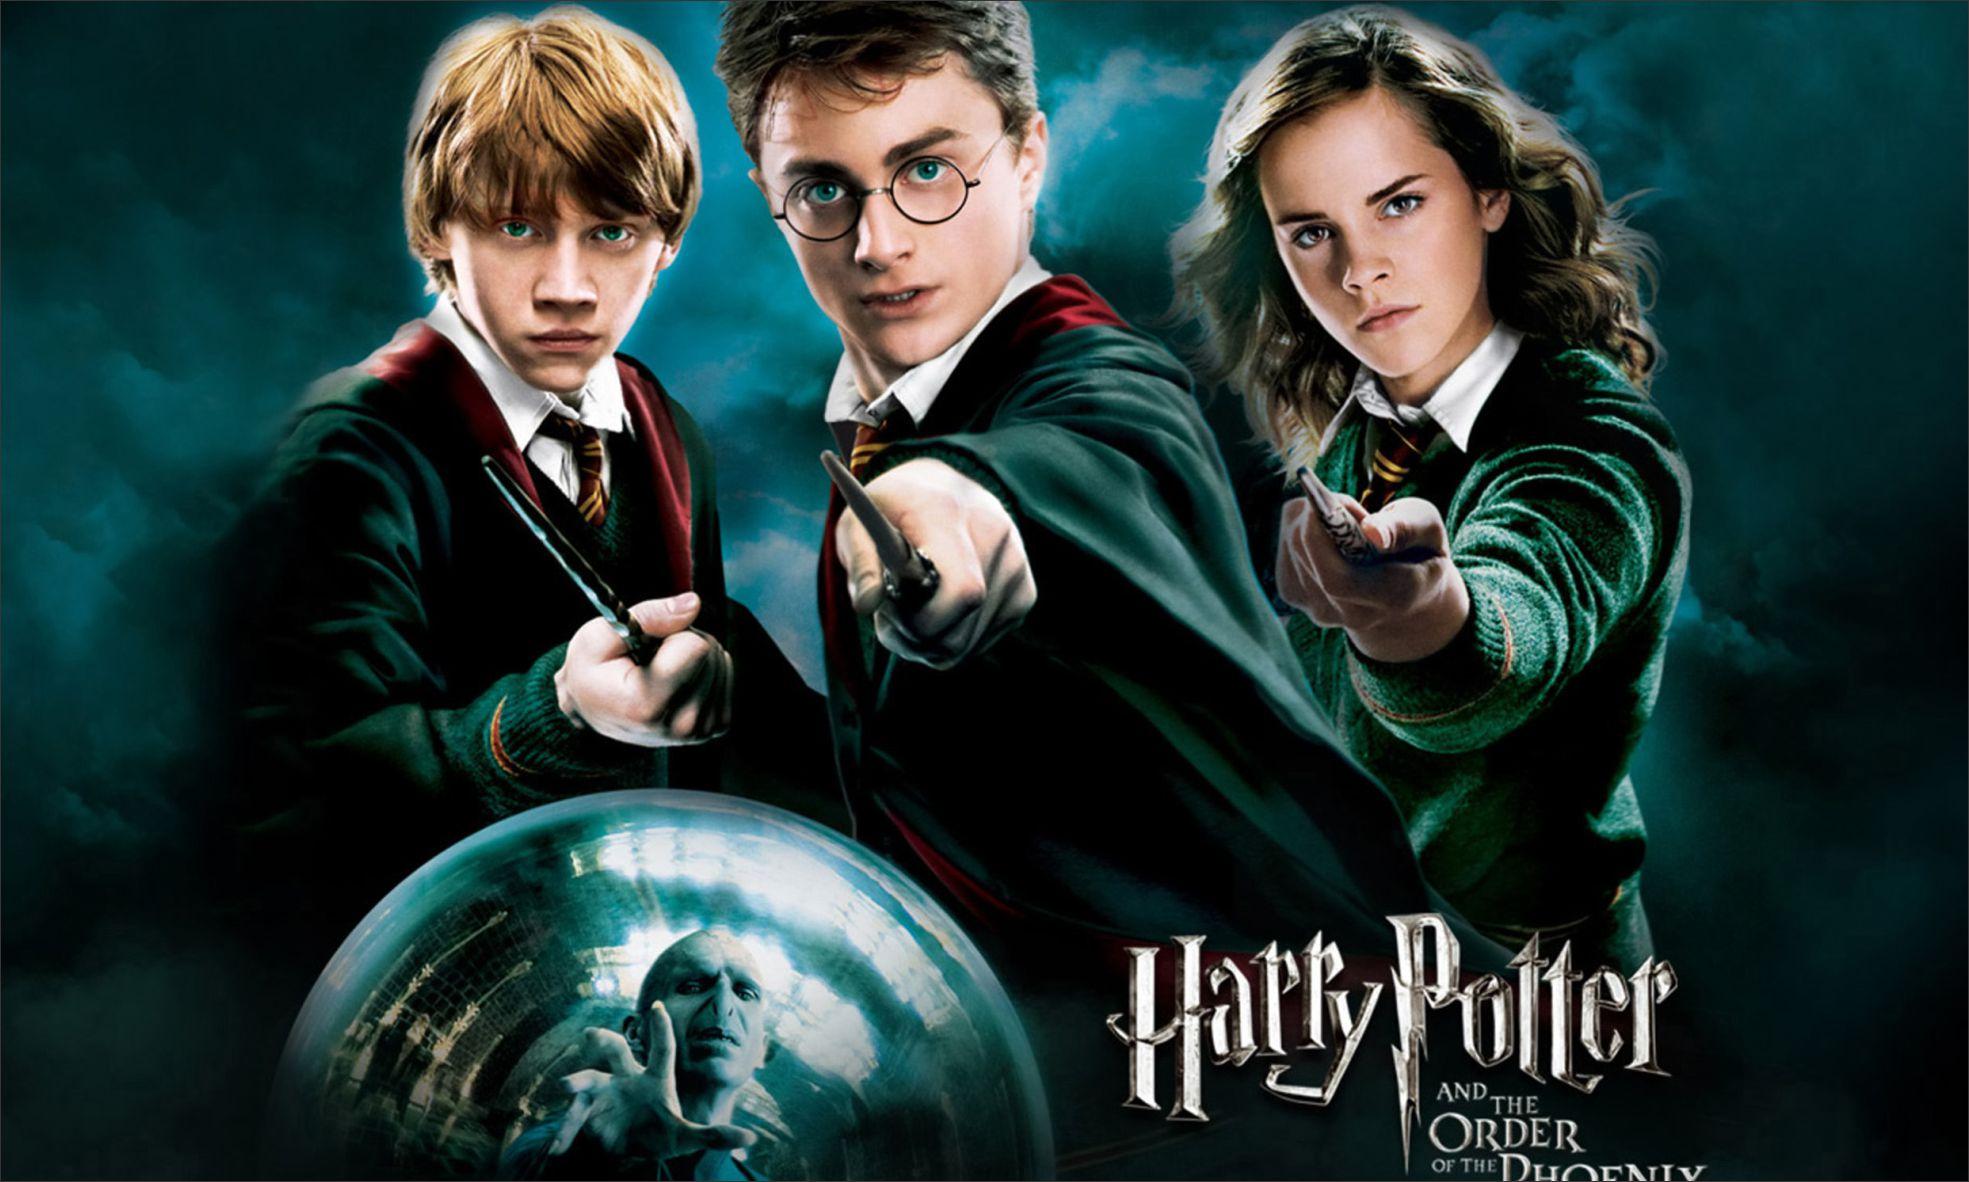 [Harry Potter] Jubiläumslesung mit Rufus Beck im Live-Stream am Freitag, 31.08. ab 19 Uhr